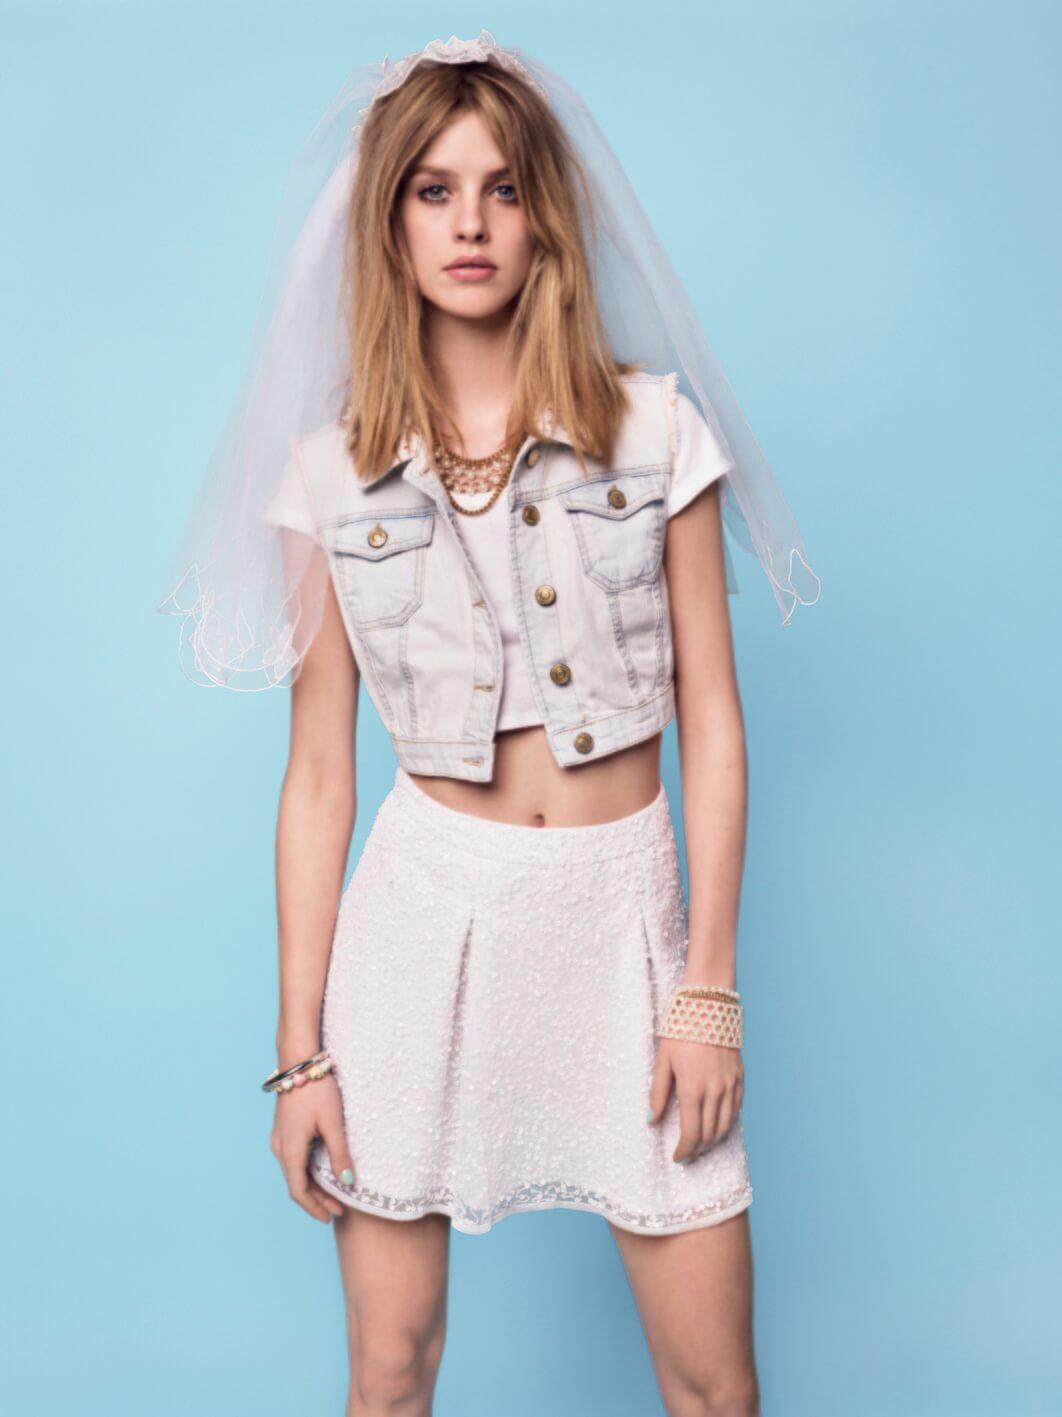 Topshop lancerer brudekjolekollektion, Foto: Topshop, 08451214519, www.topshop.com